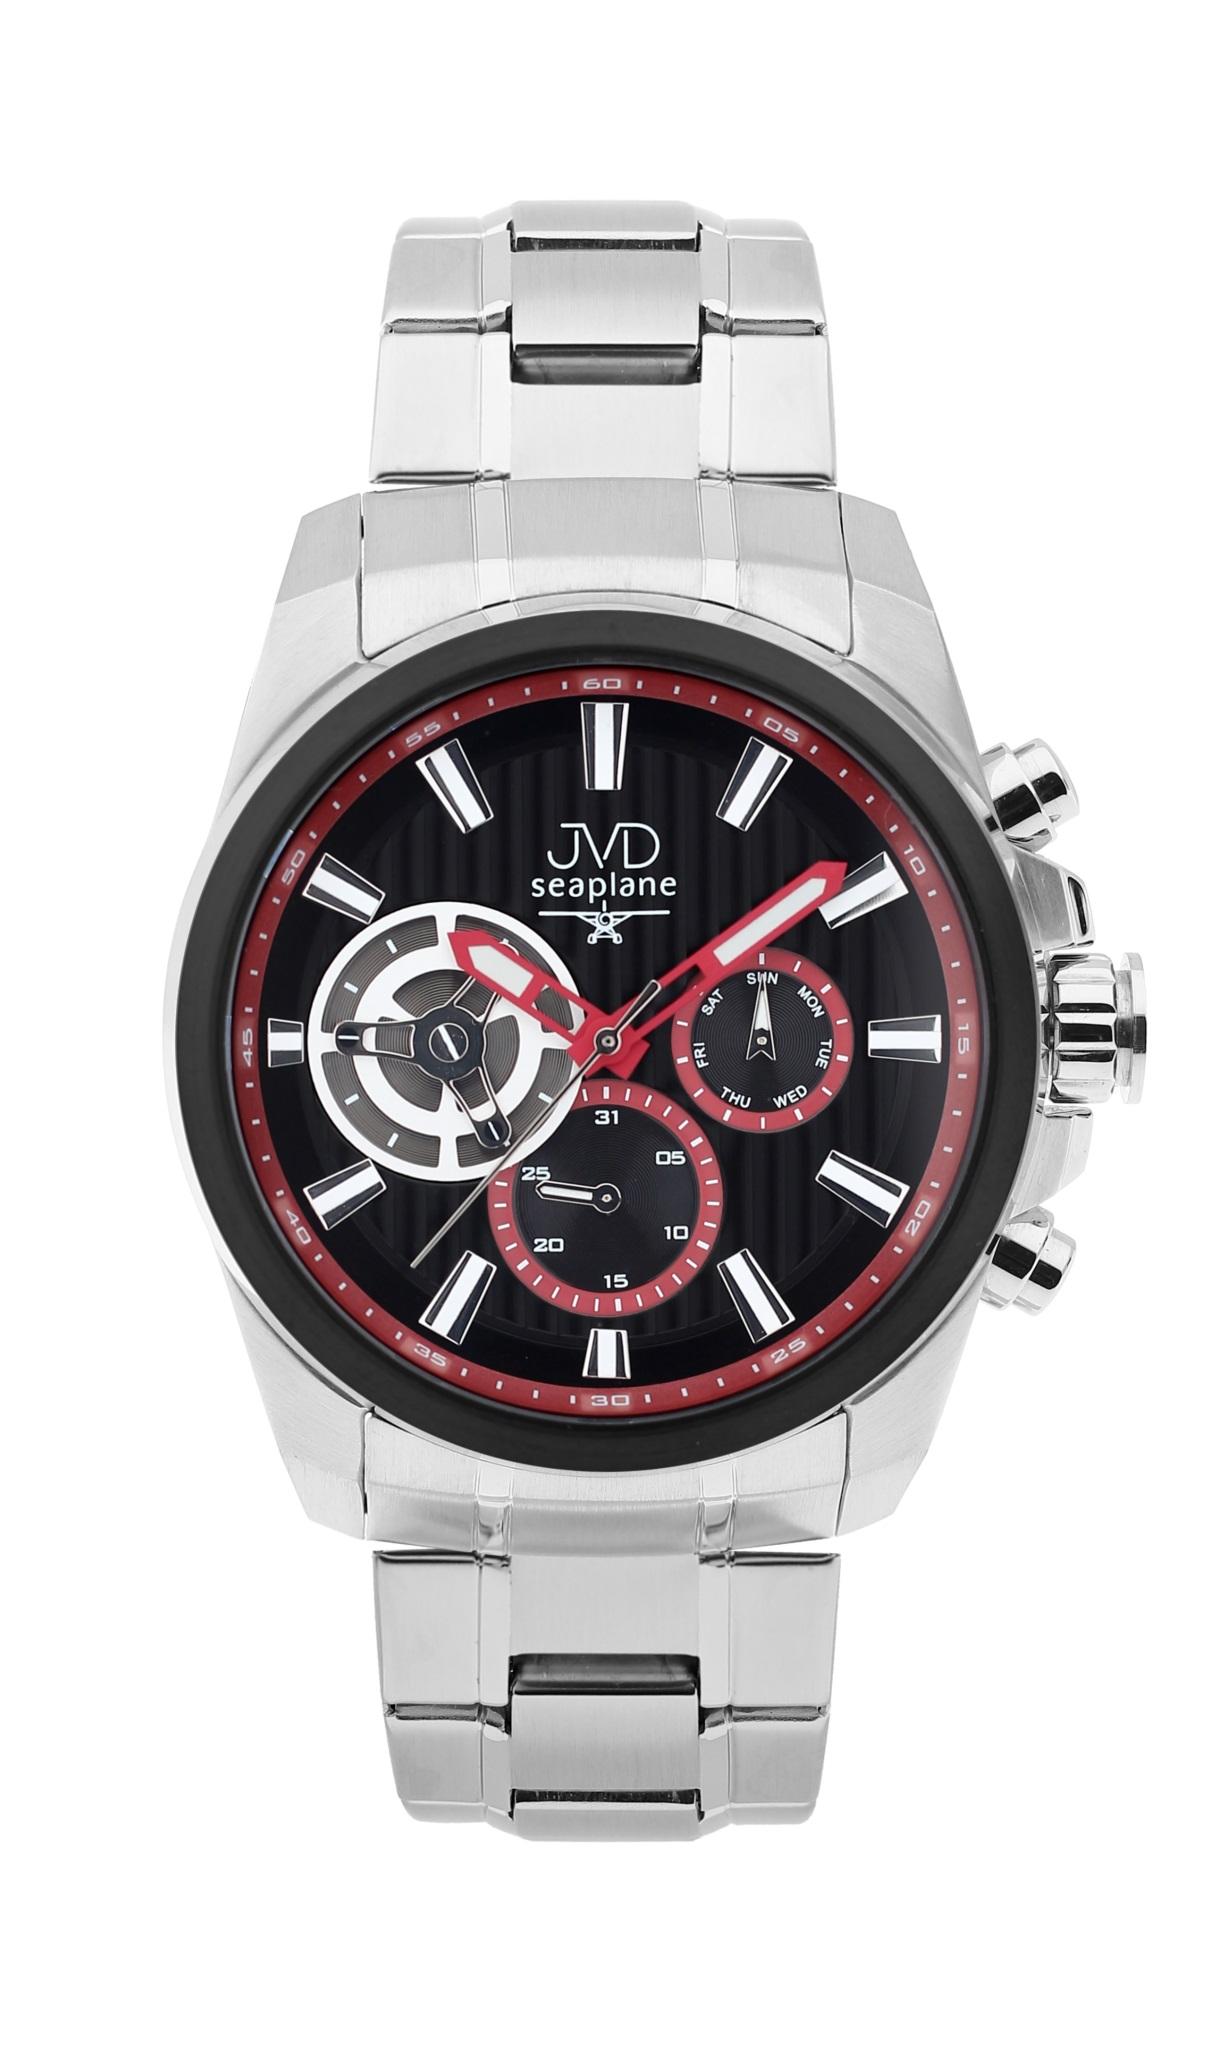 Pánské luxusní vodotěsné chronografy hodinky JVD seaplane W83.3 - 10ATM stopky POŠTOVNÉ ZDARMA! (POŠTOVNÉ ZDARMA!!!)